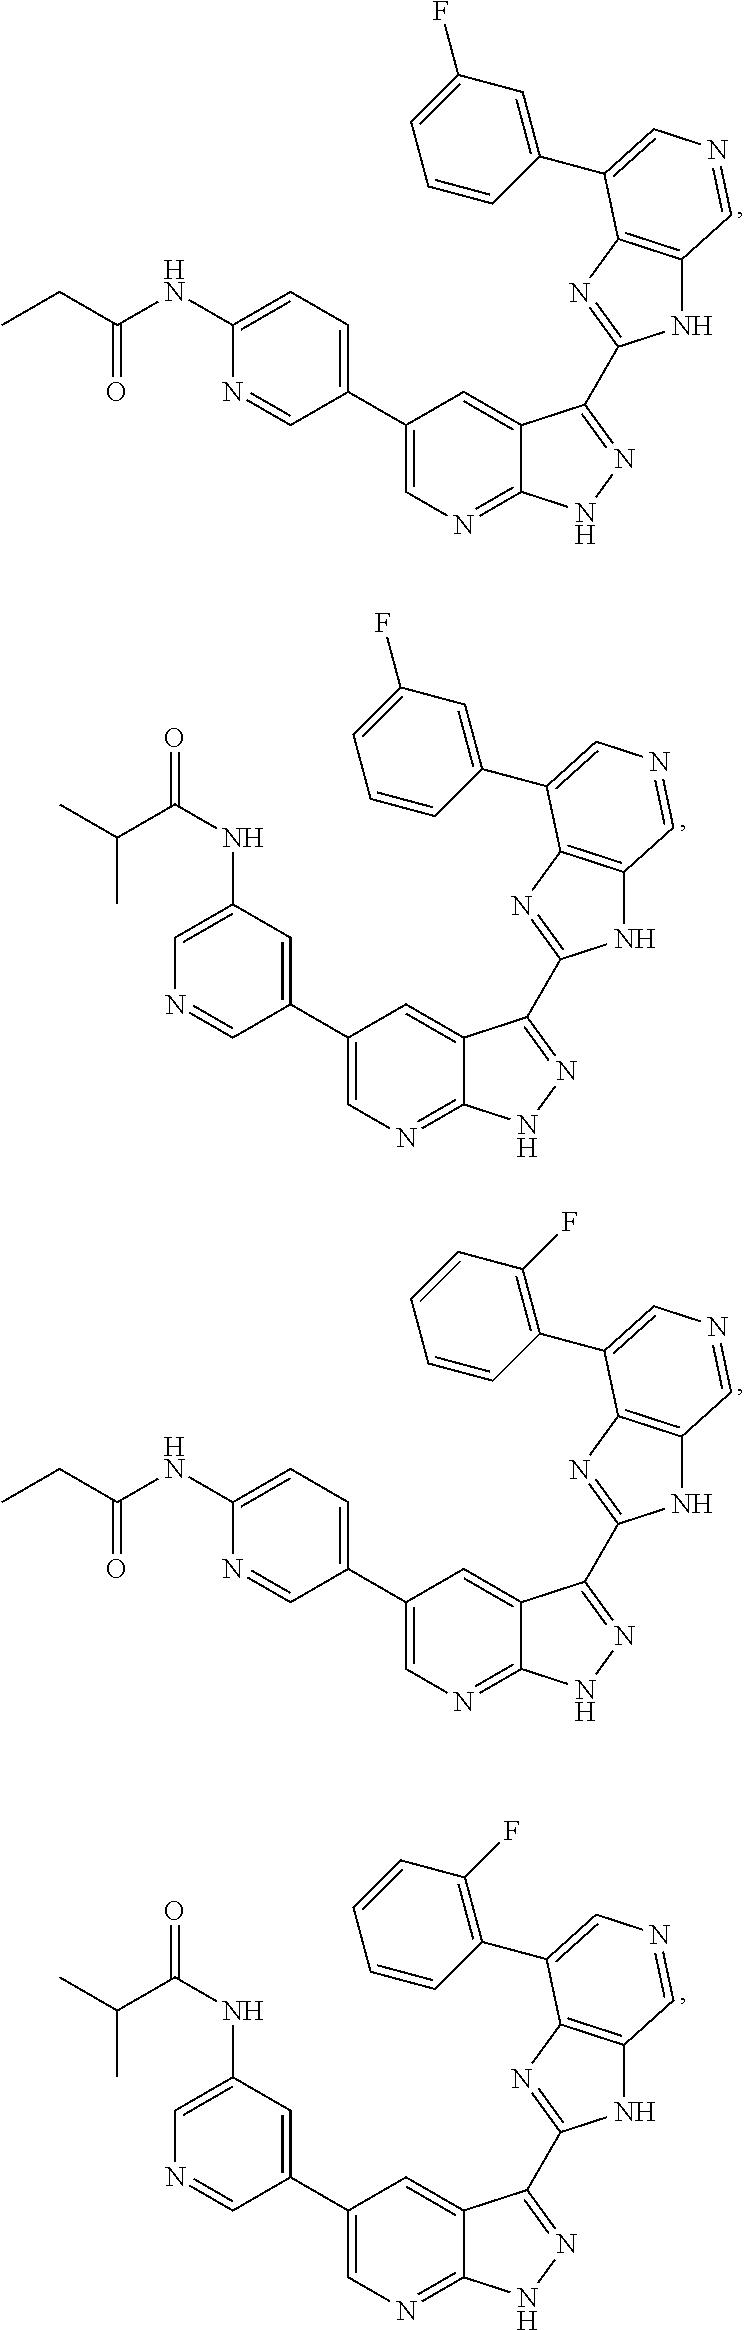 Figure US08618128-20131231-C00008